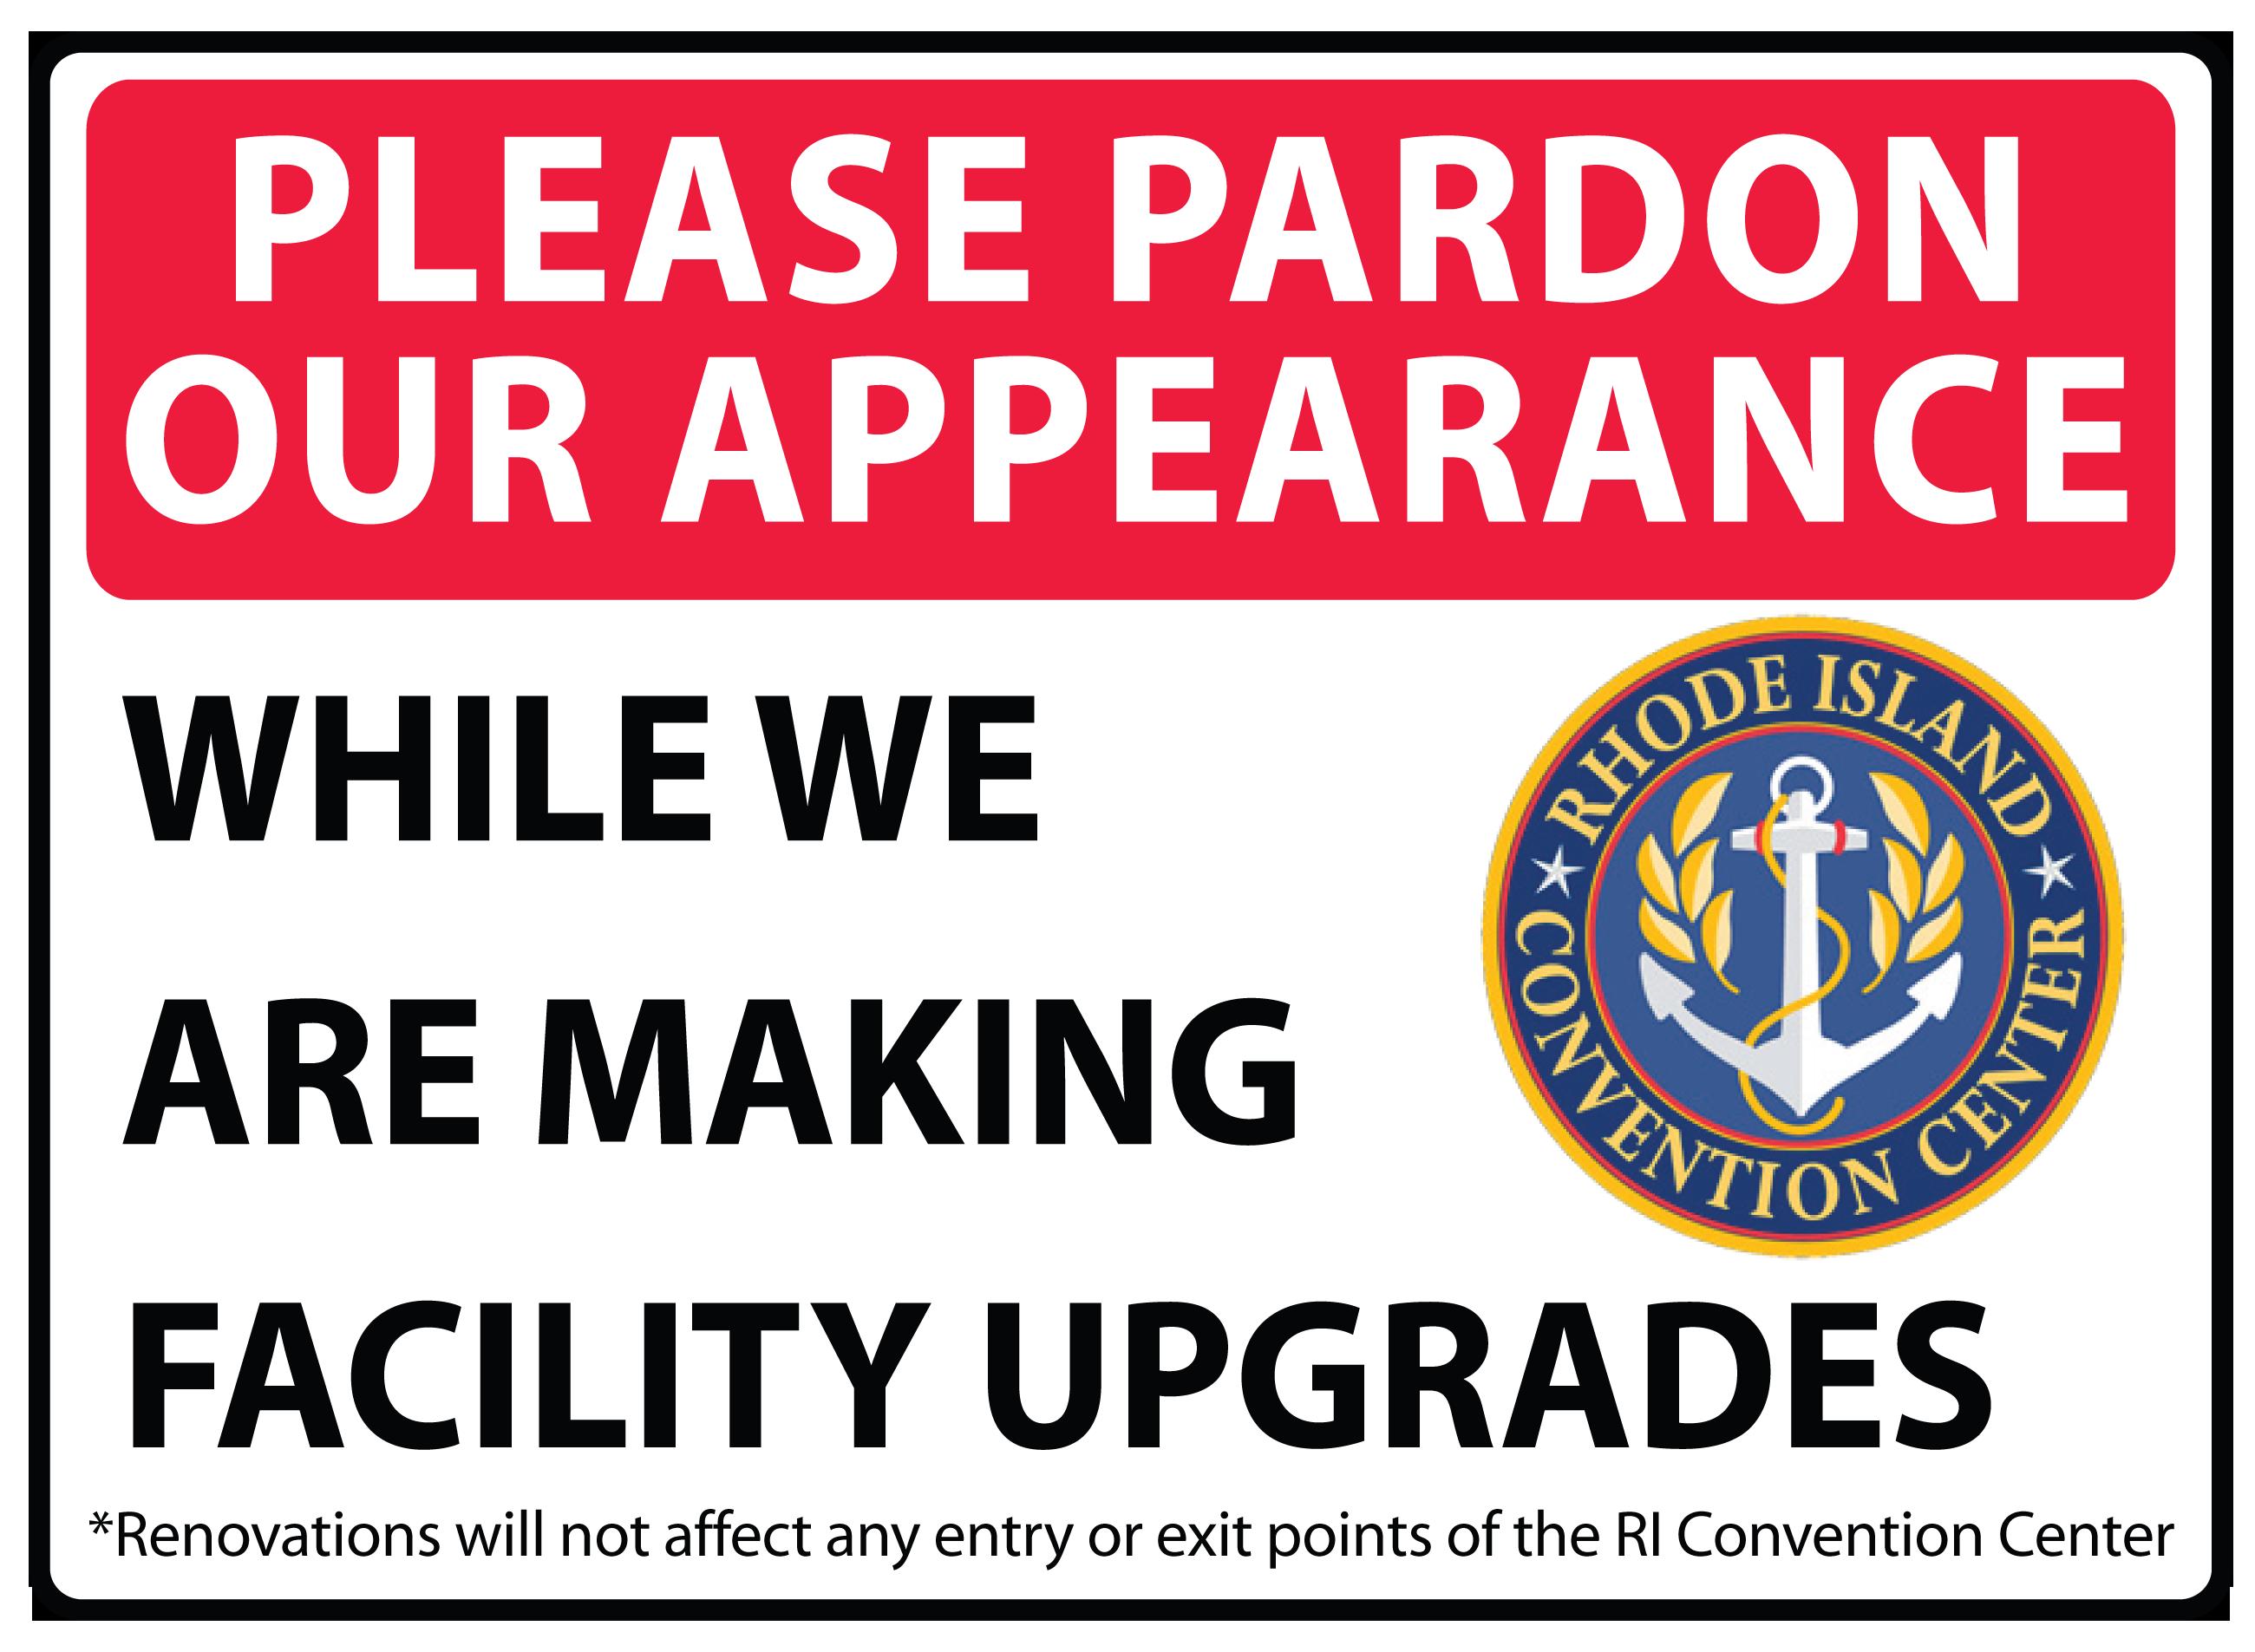 ricc_pardon_renovations.png